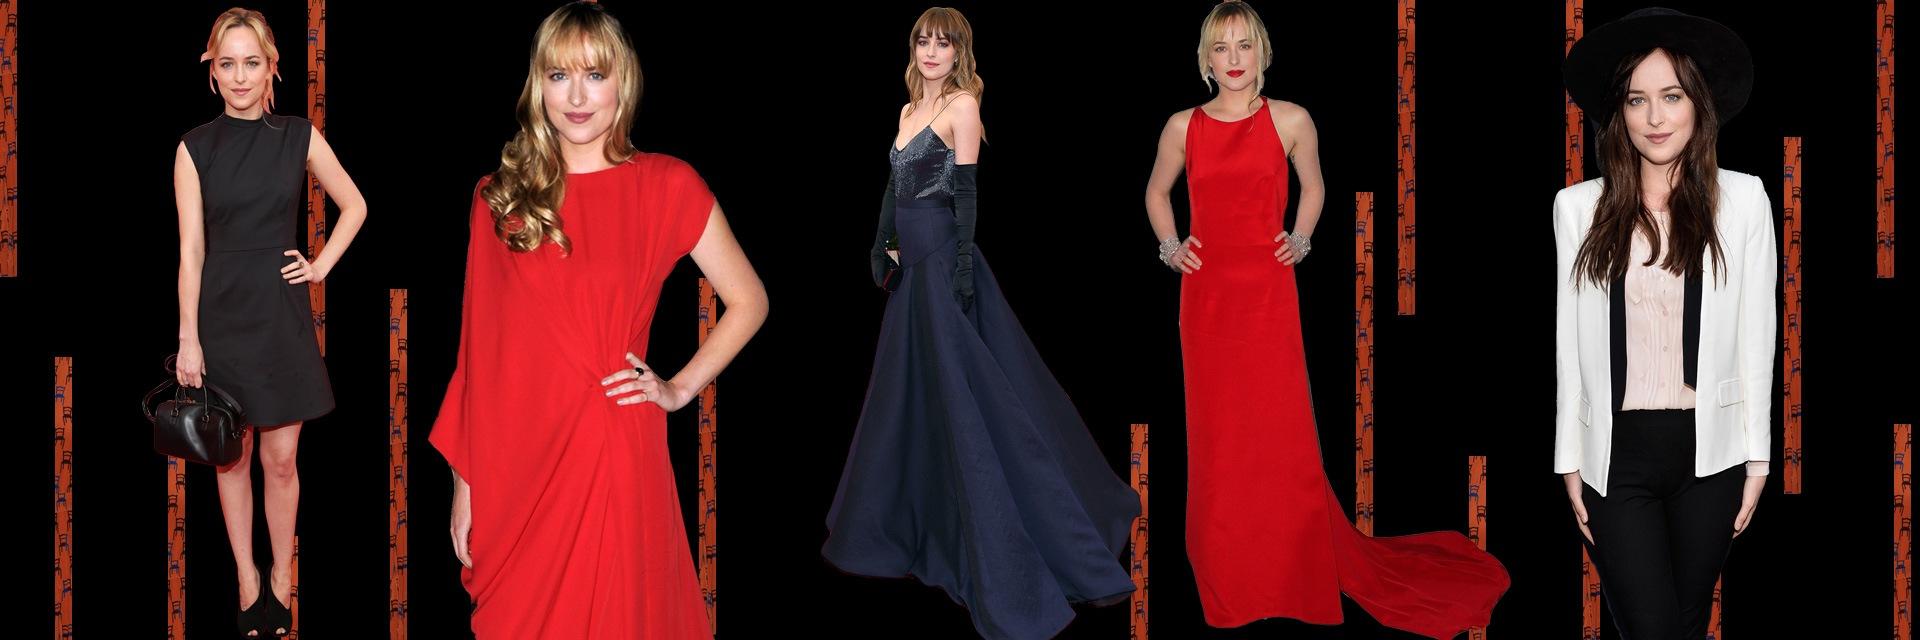 Dakota Johnson: New Style Icon